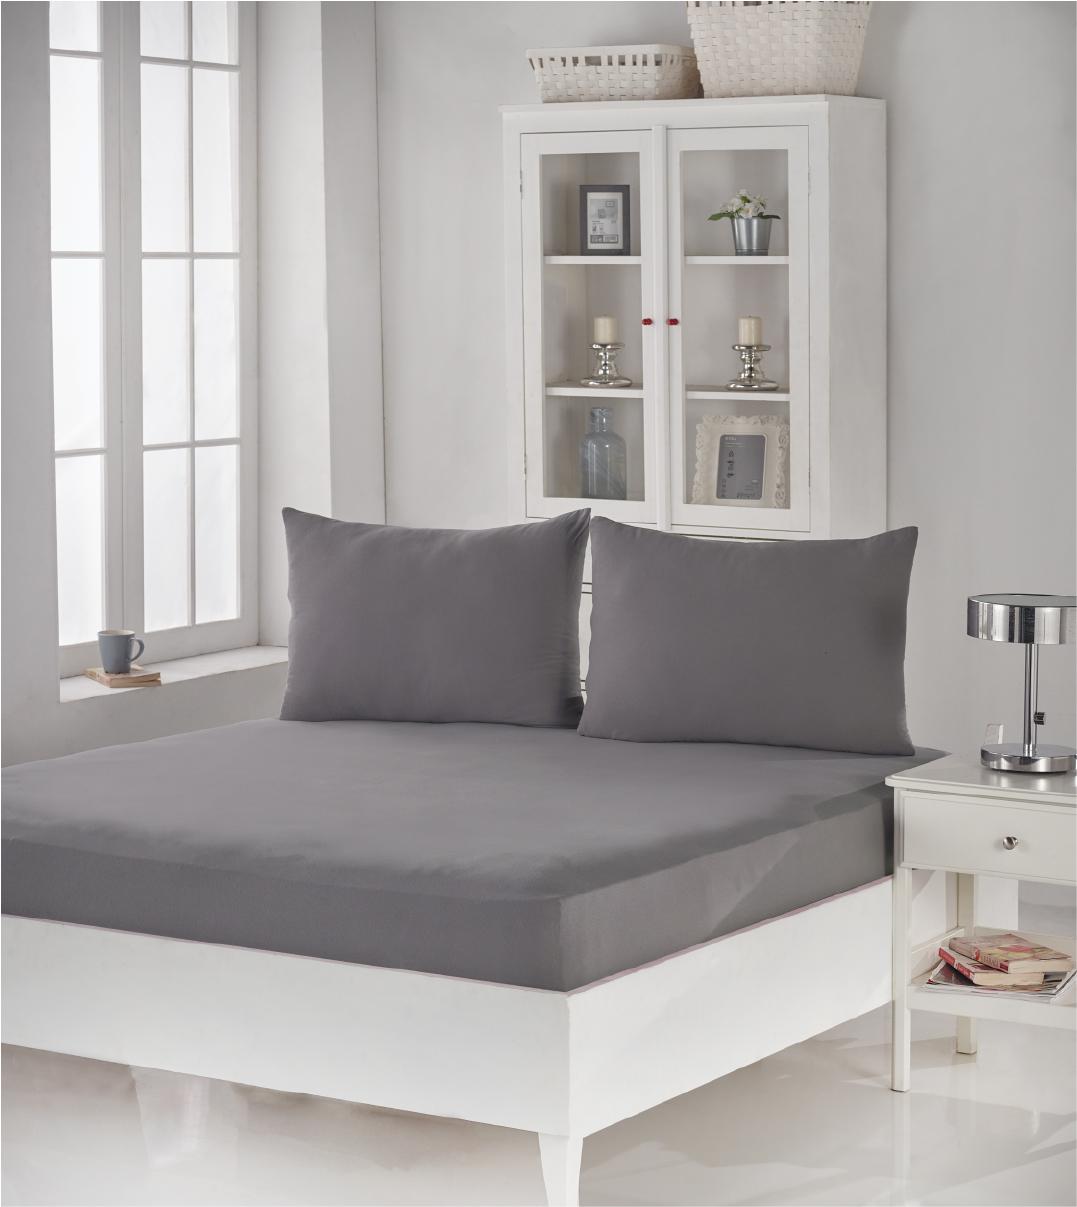 Купить Простыни Karna, Простыня на резинке Acelya Цвет: Серый (180х200), Турция, Хлопковый трикотаж